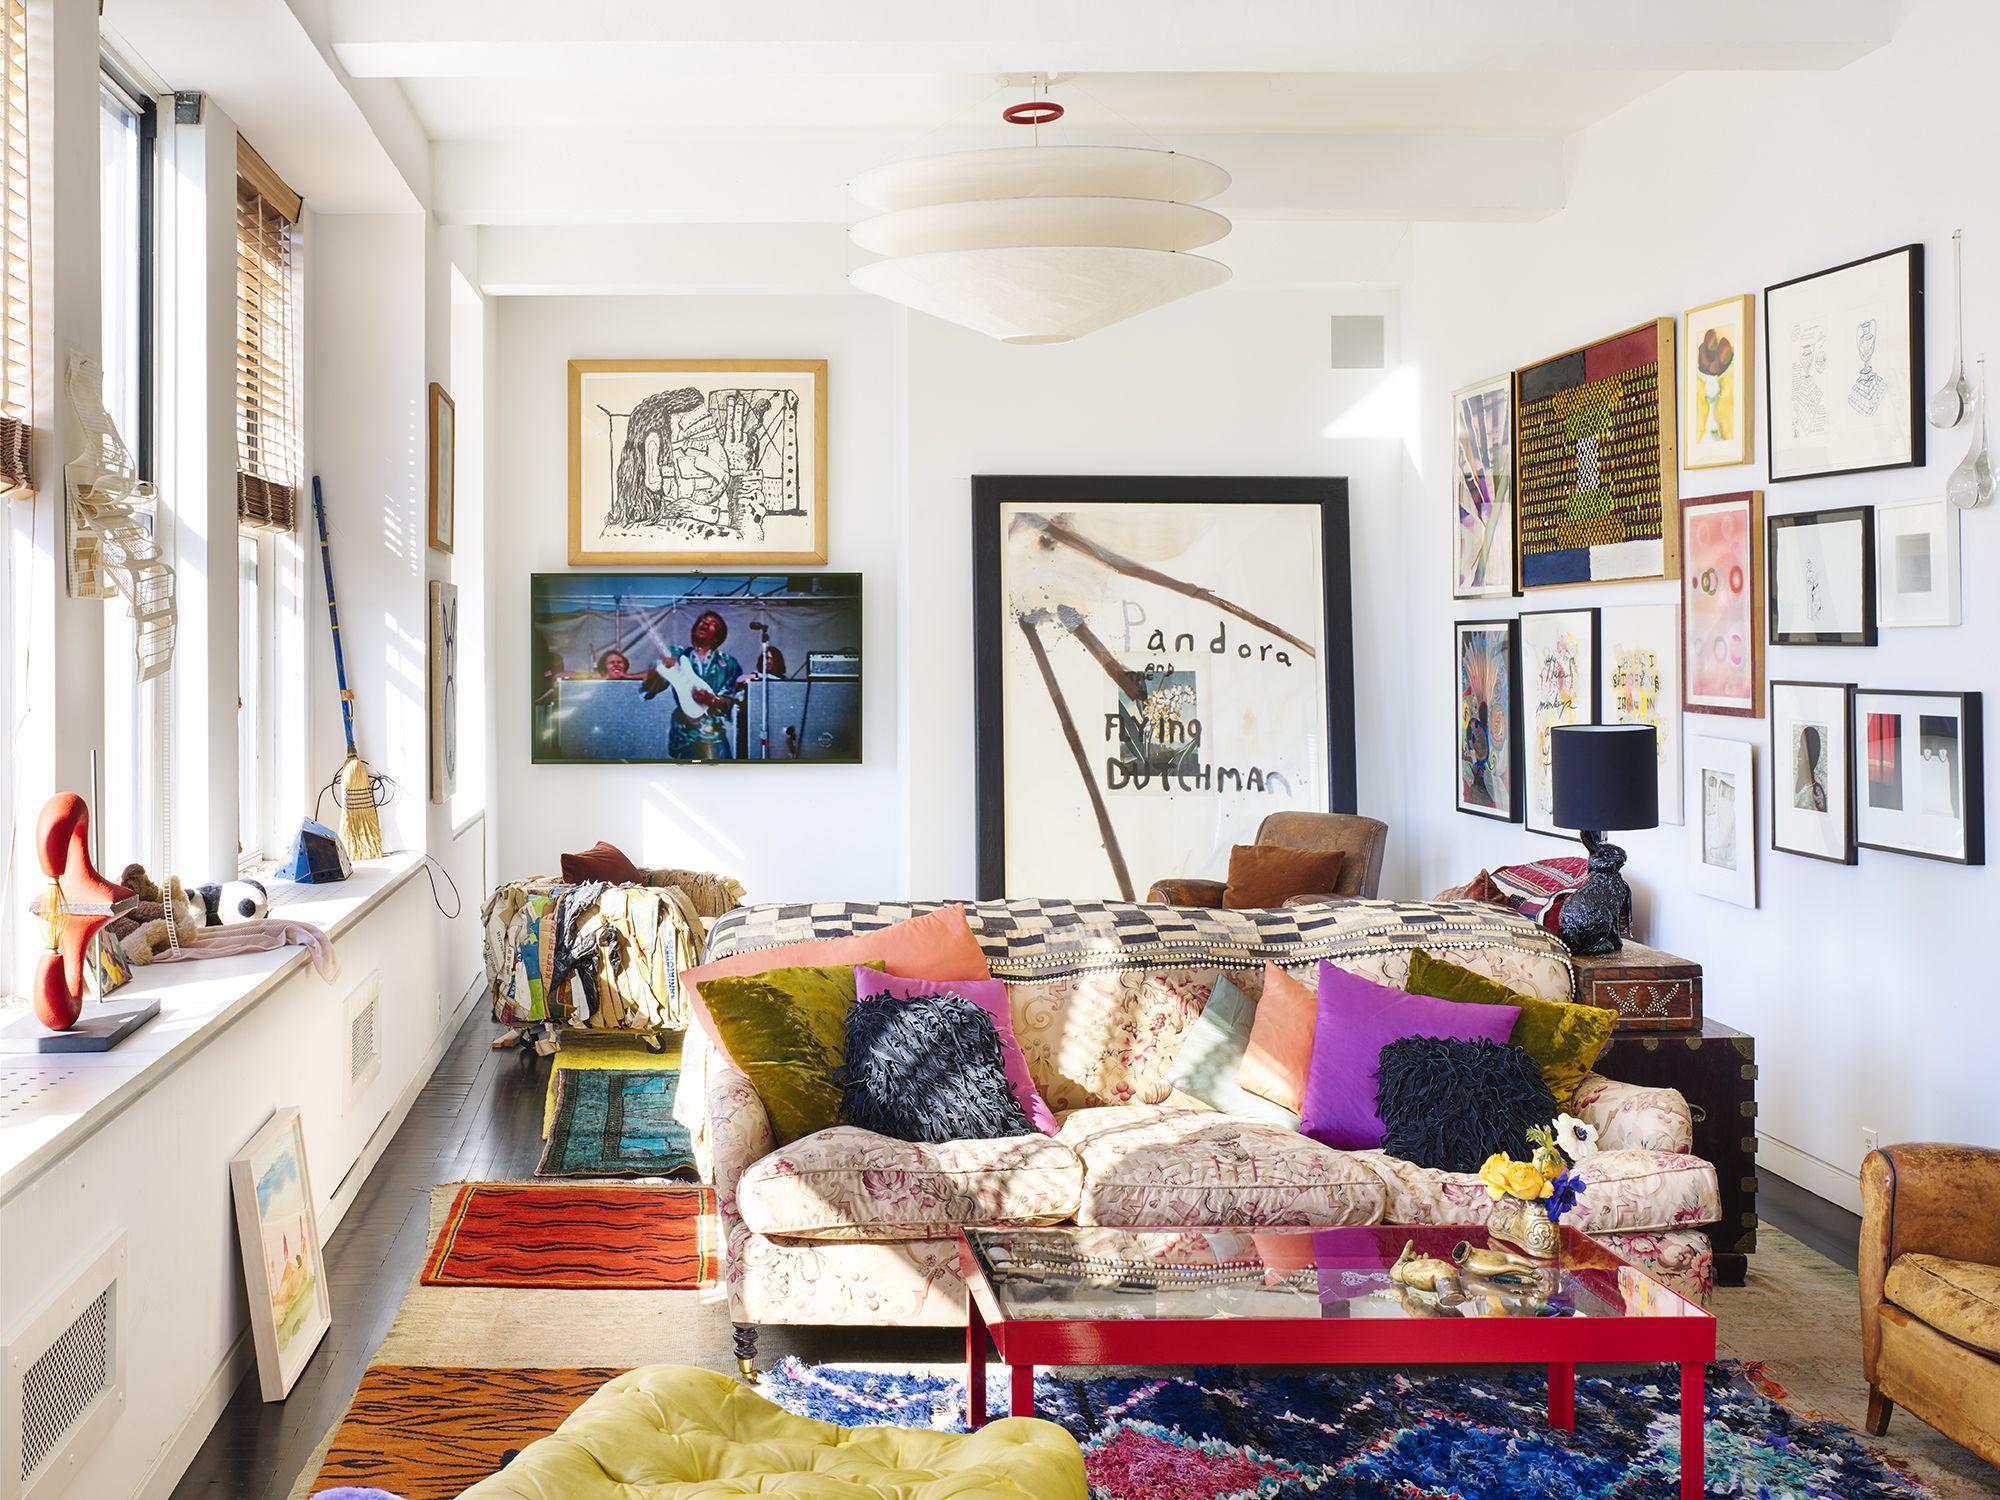 Как расставить мебель в однокомнатной квартире с картинами